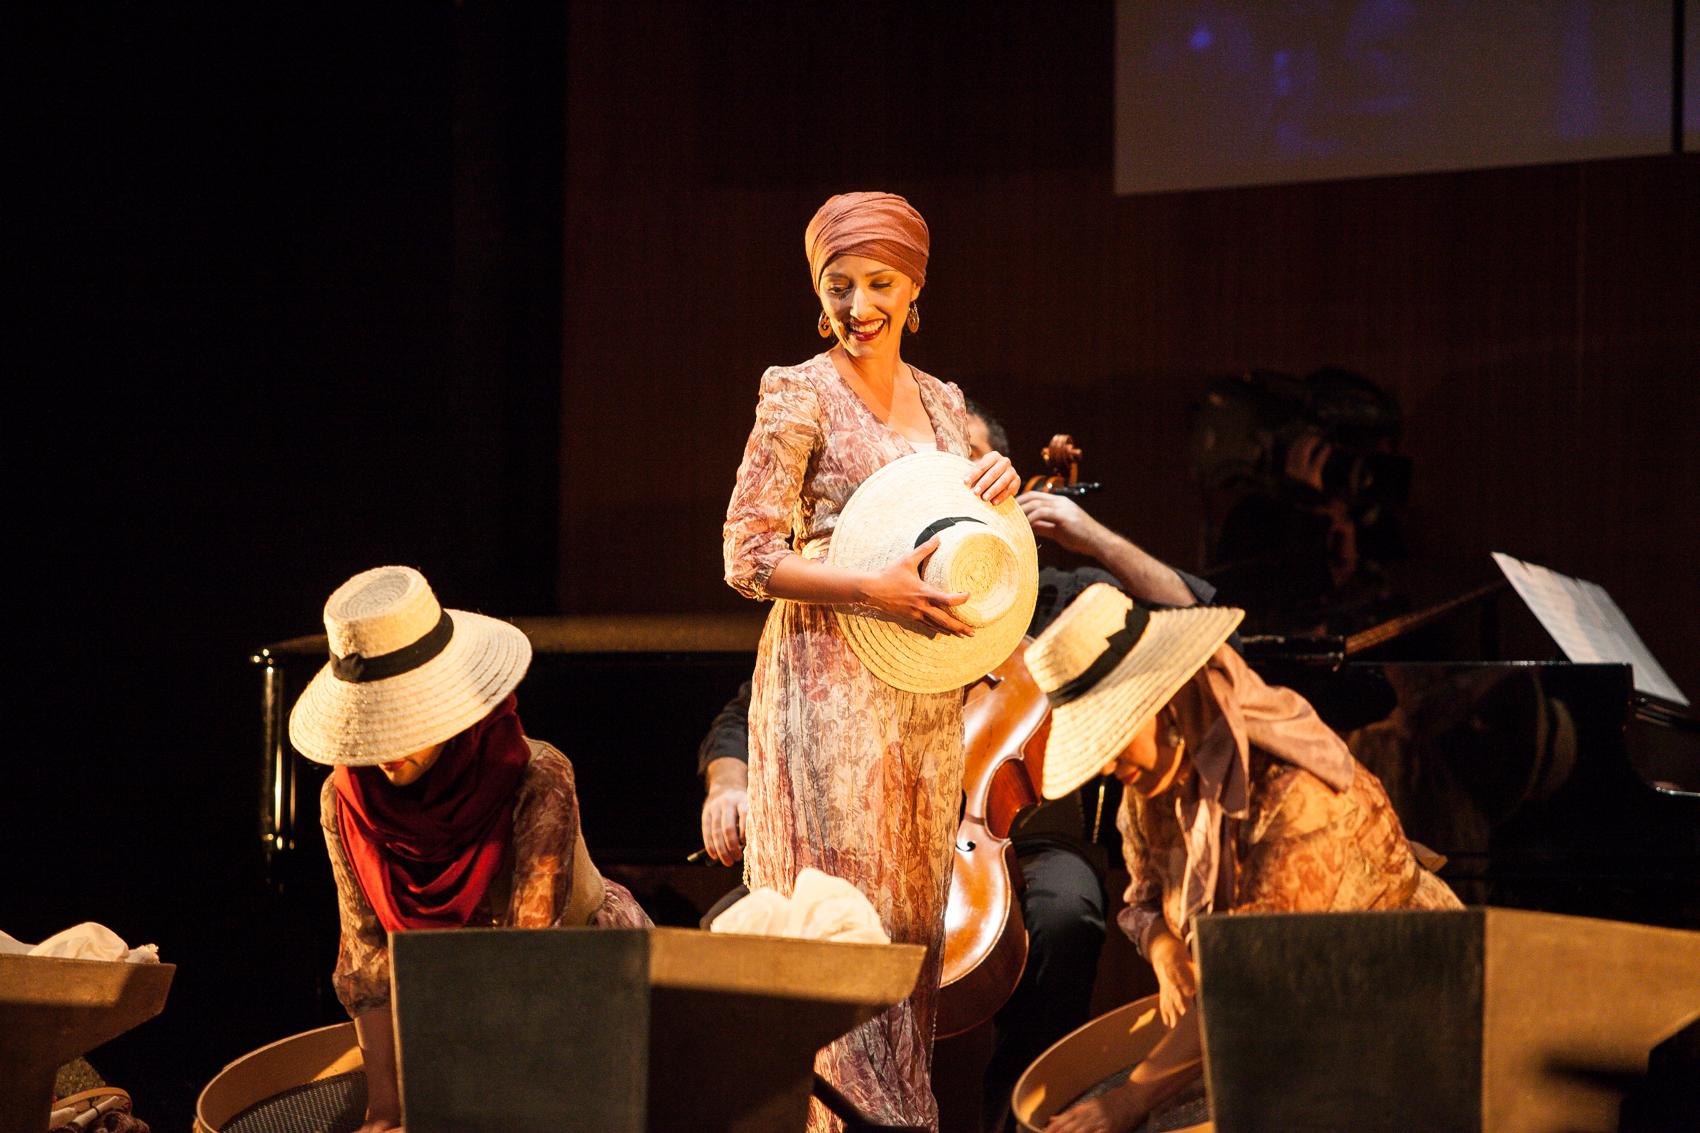 'Pieles, Canto al trabajo', 21 de octubre en Espacio Cultural Cajacanarias